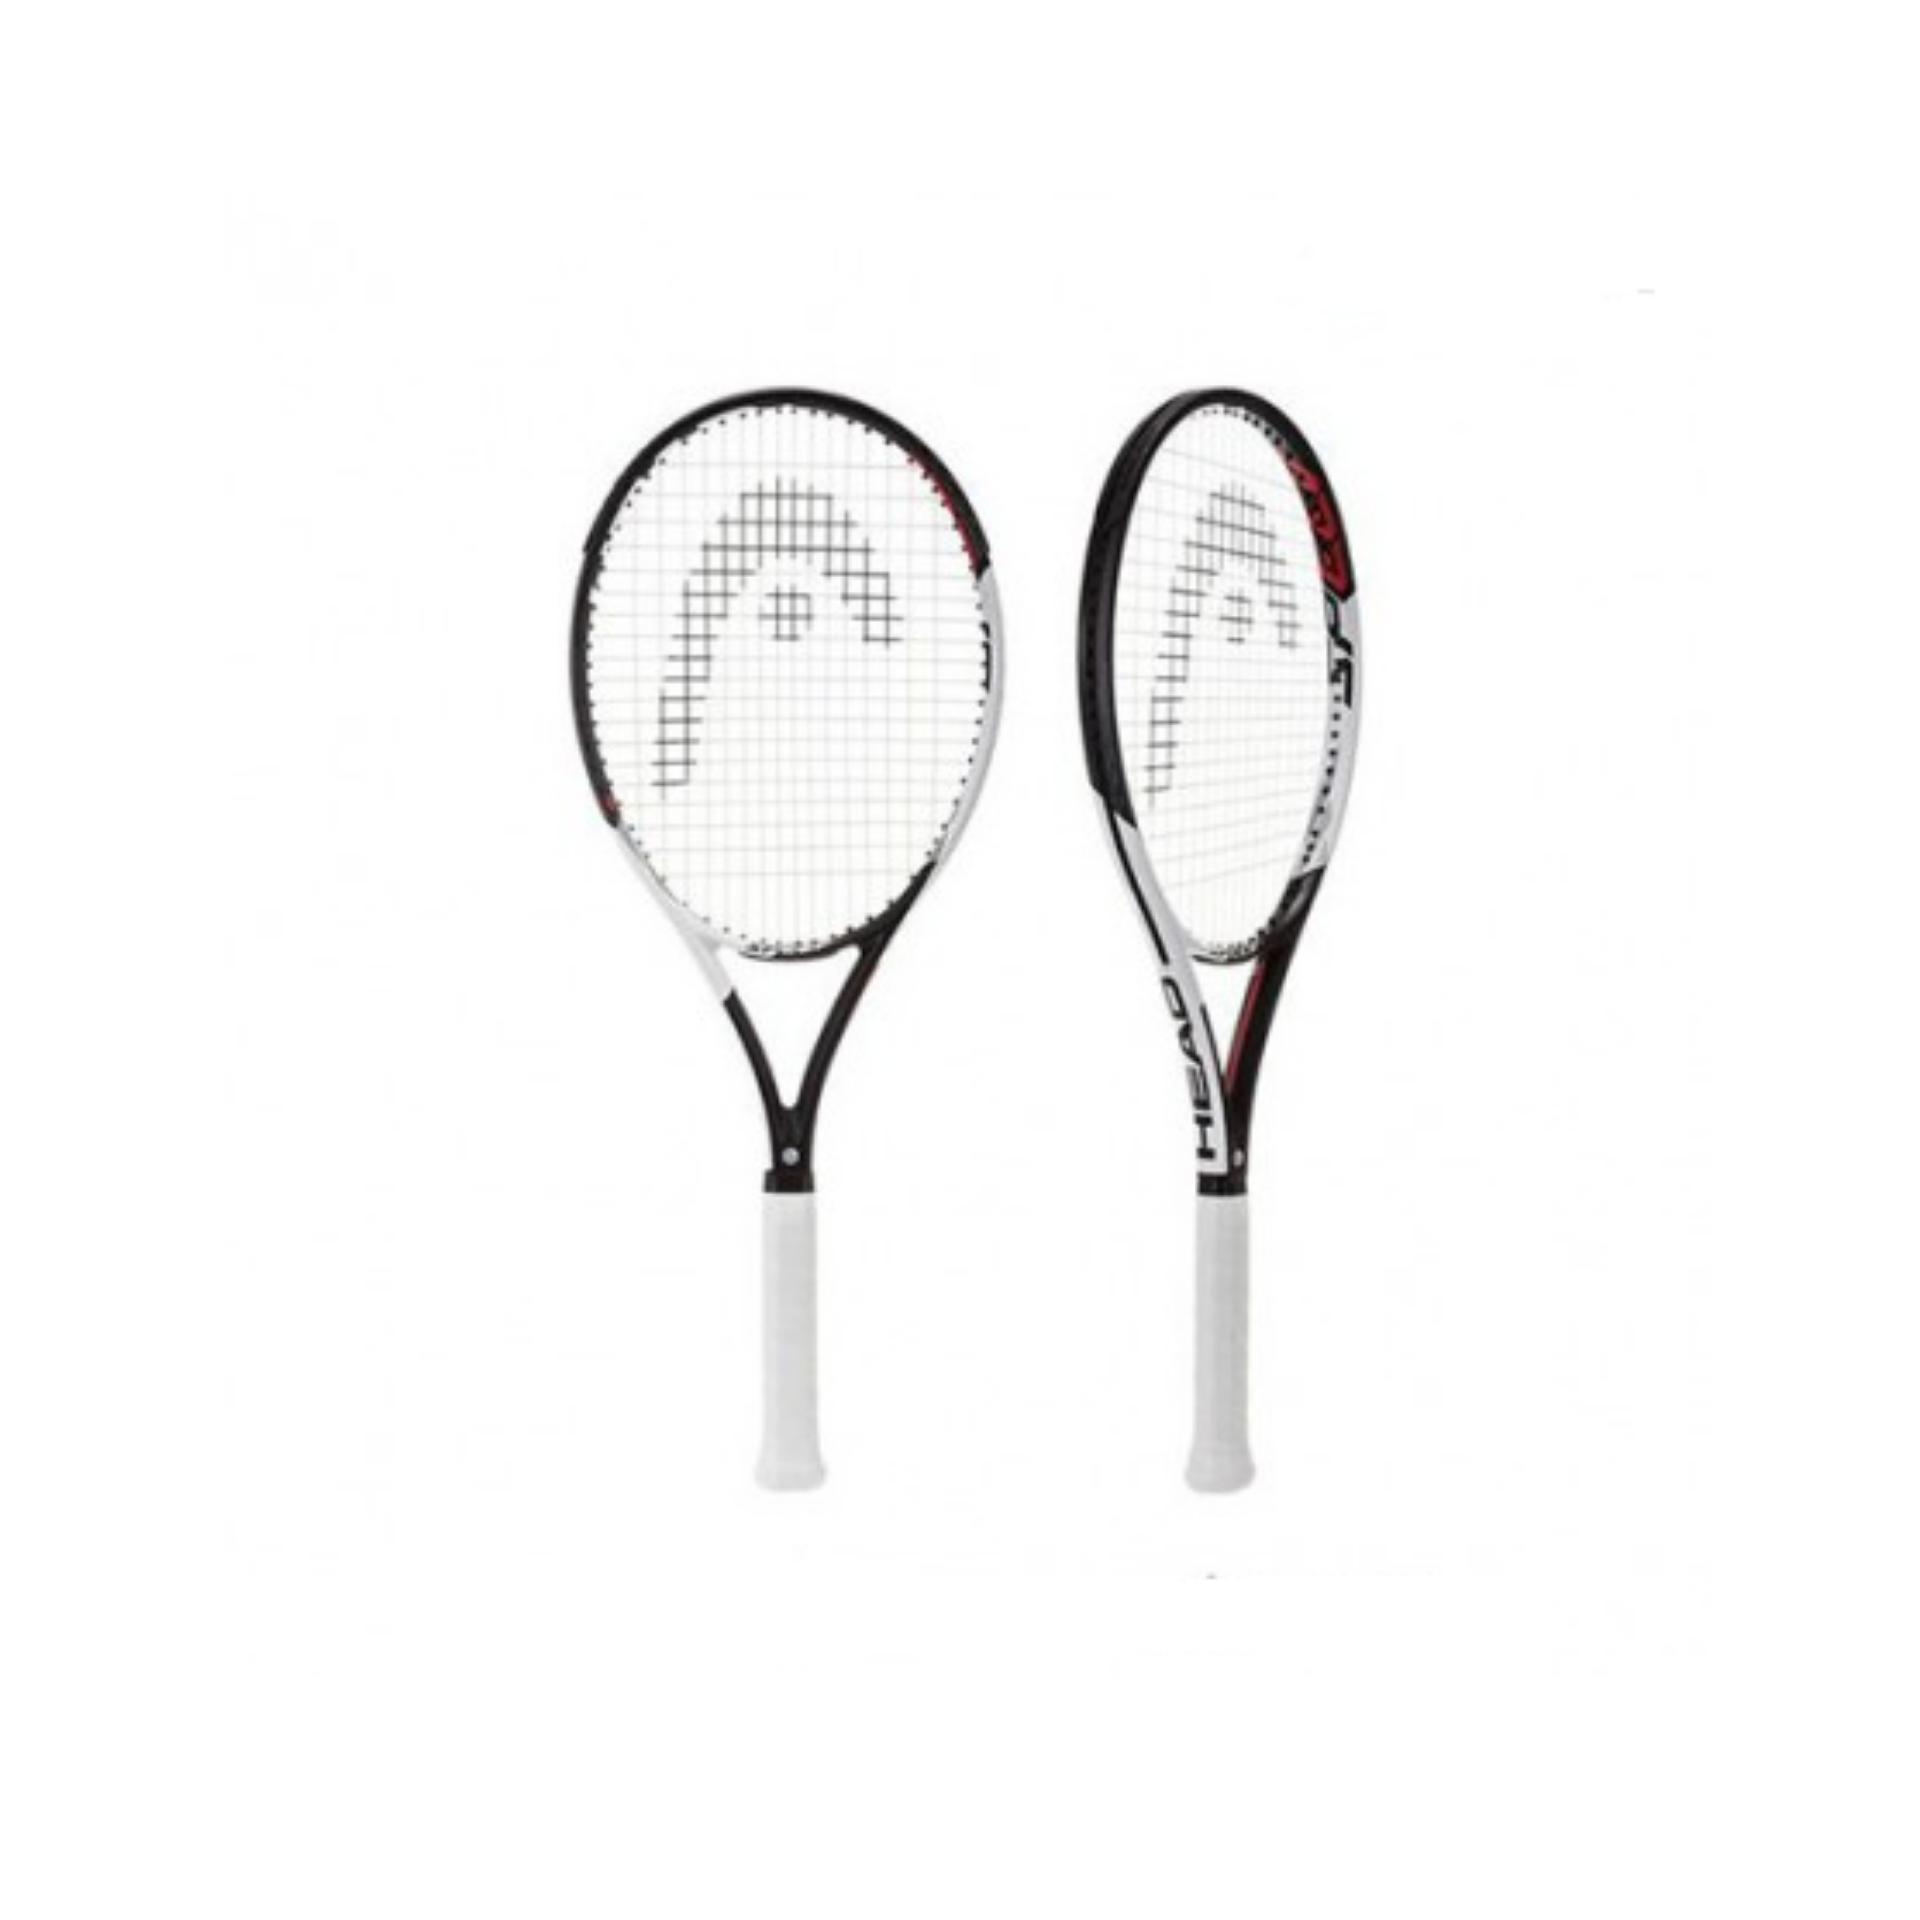 Vợt tennis Head Graphene Touch Speed S 2017